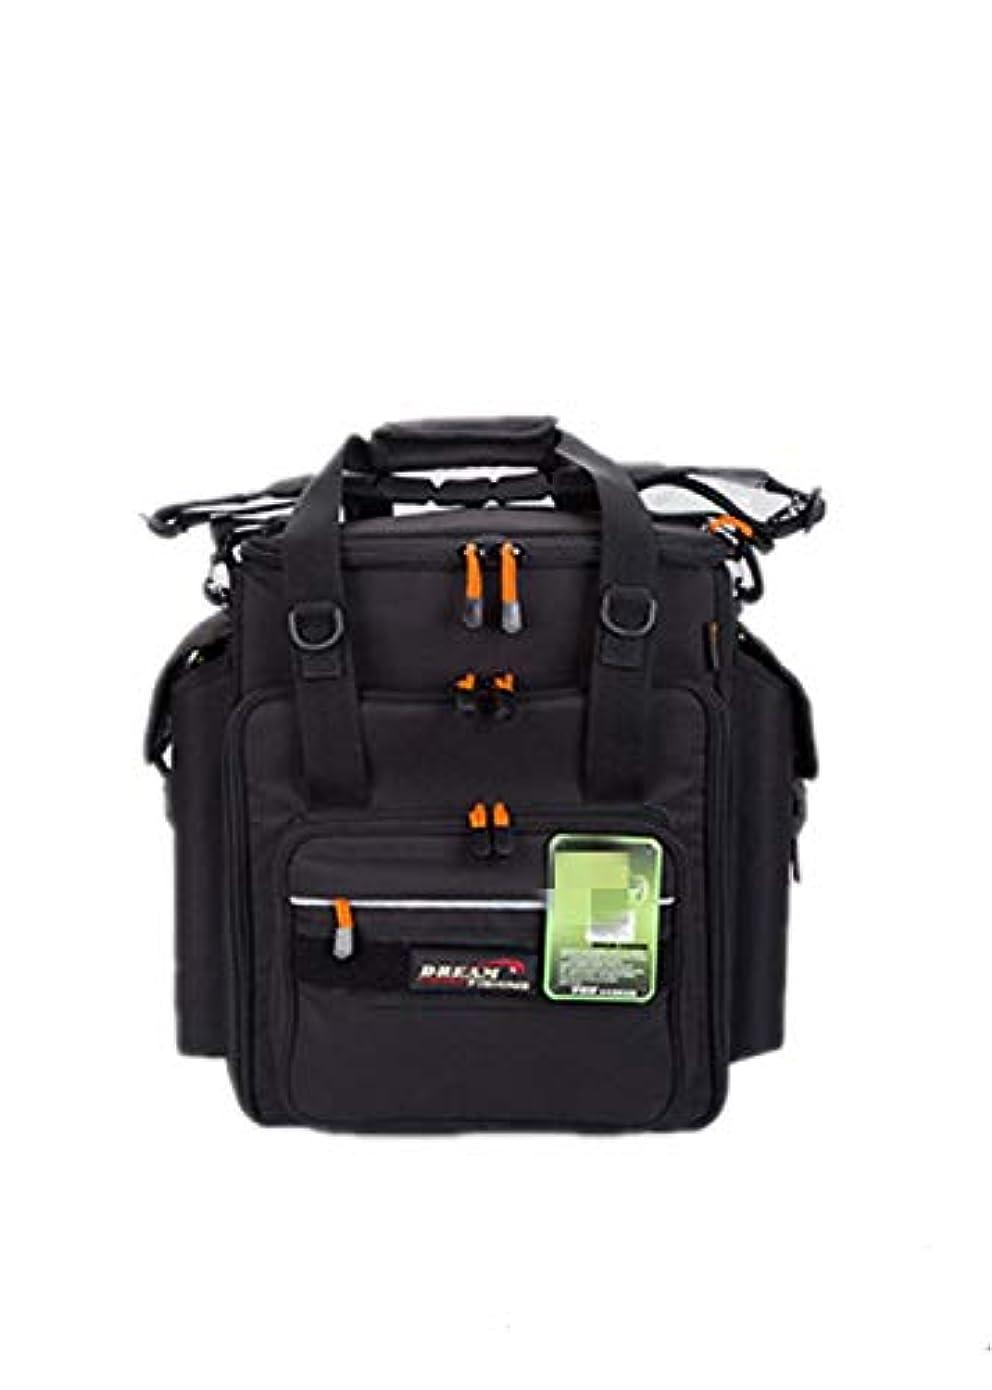 叱る量で床を掃除するBjzxz ラージ バックパック 斜め手錠 肩 釣り用具バッグ (カラー:ブラック)